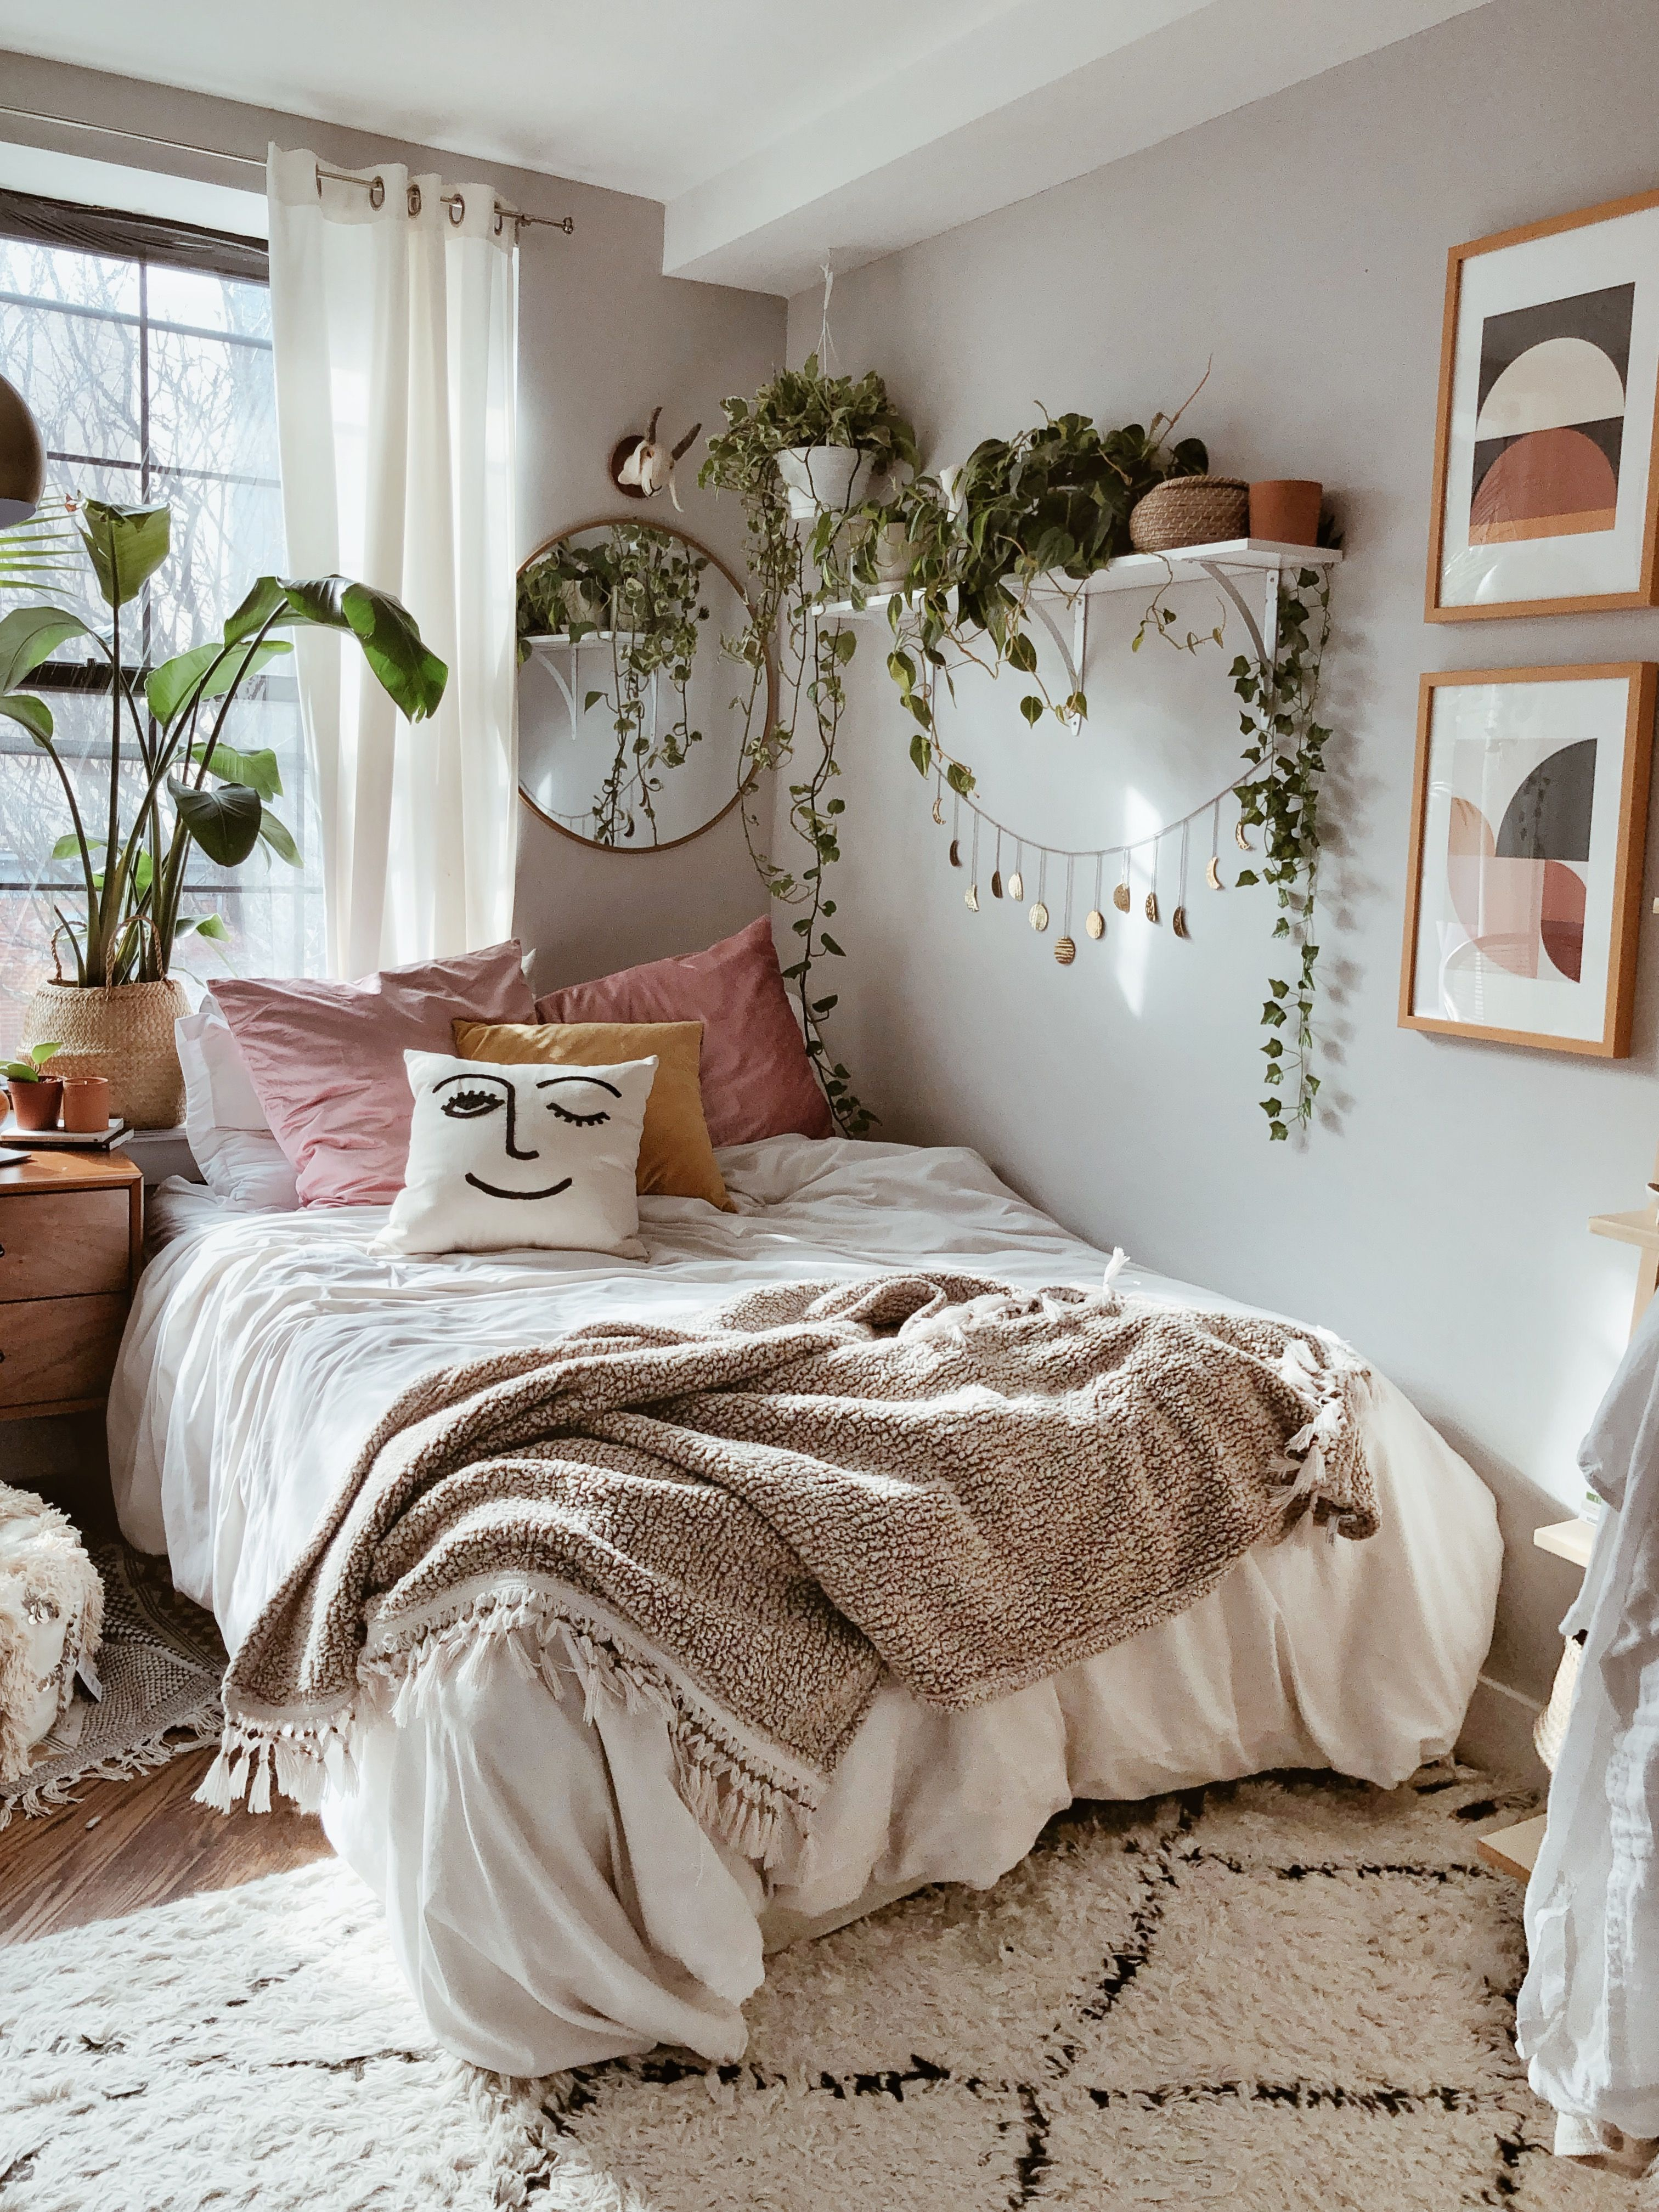 Aesthetic Minimalist Plant Bedroom Decor - TRENDECORS